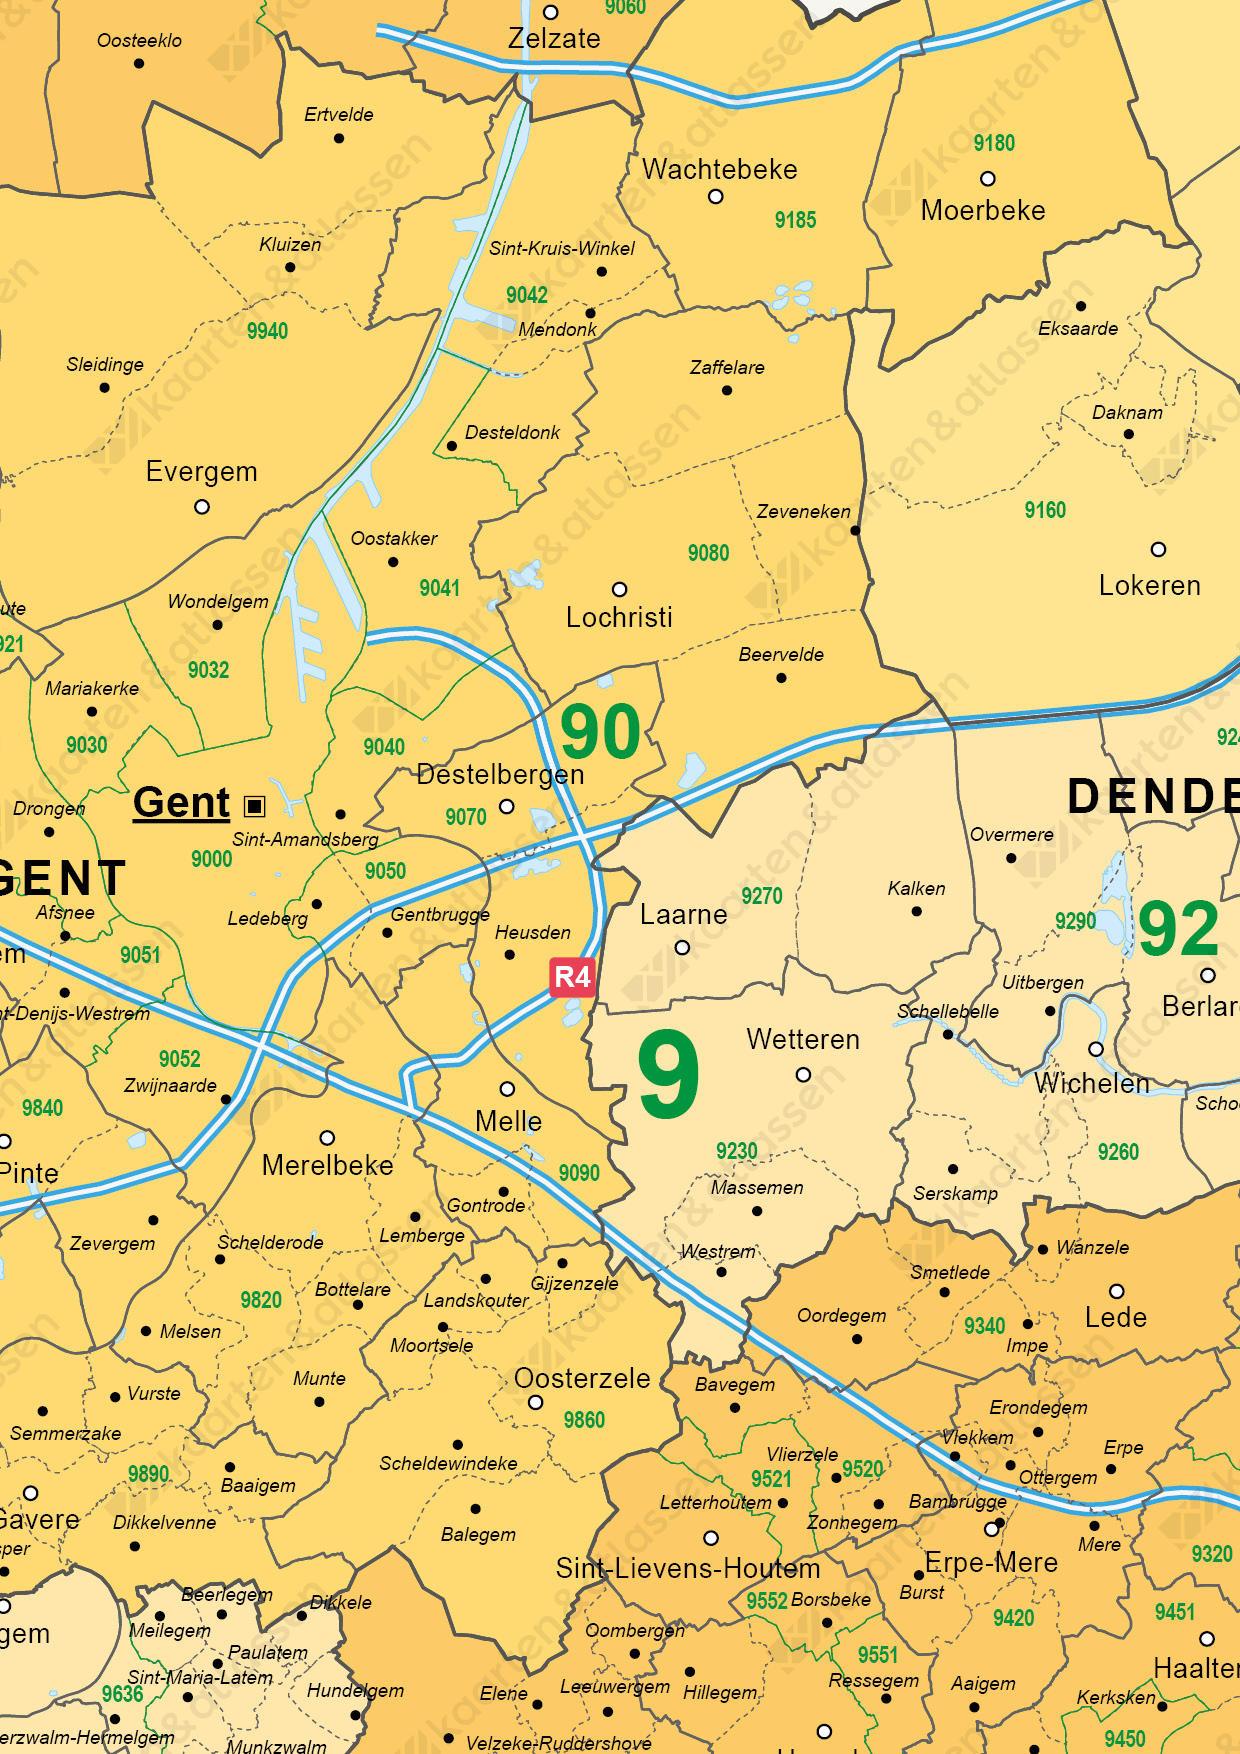 postcode/gemeente kaart Oost-Vlaanderen